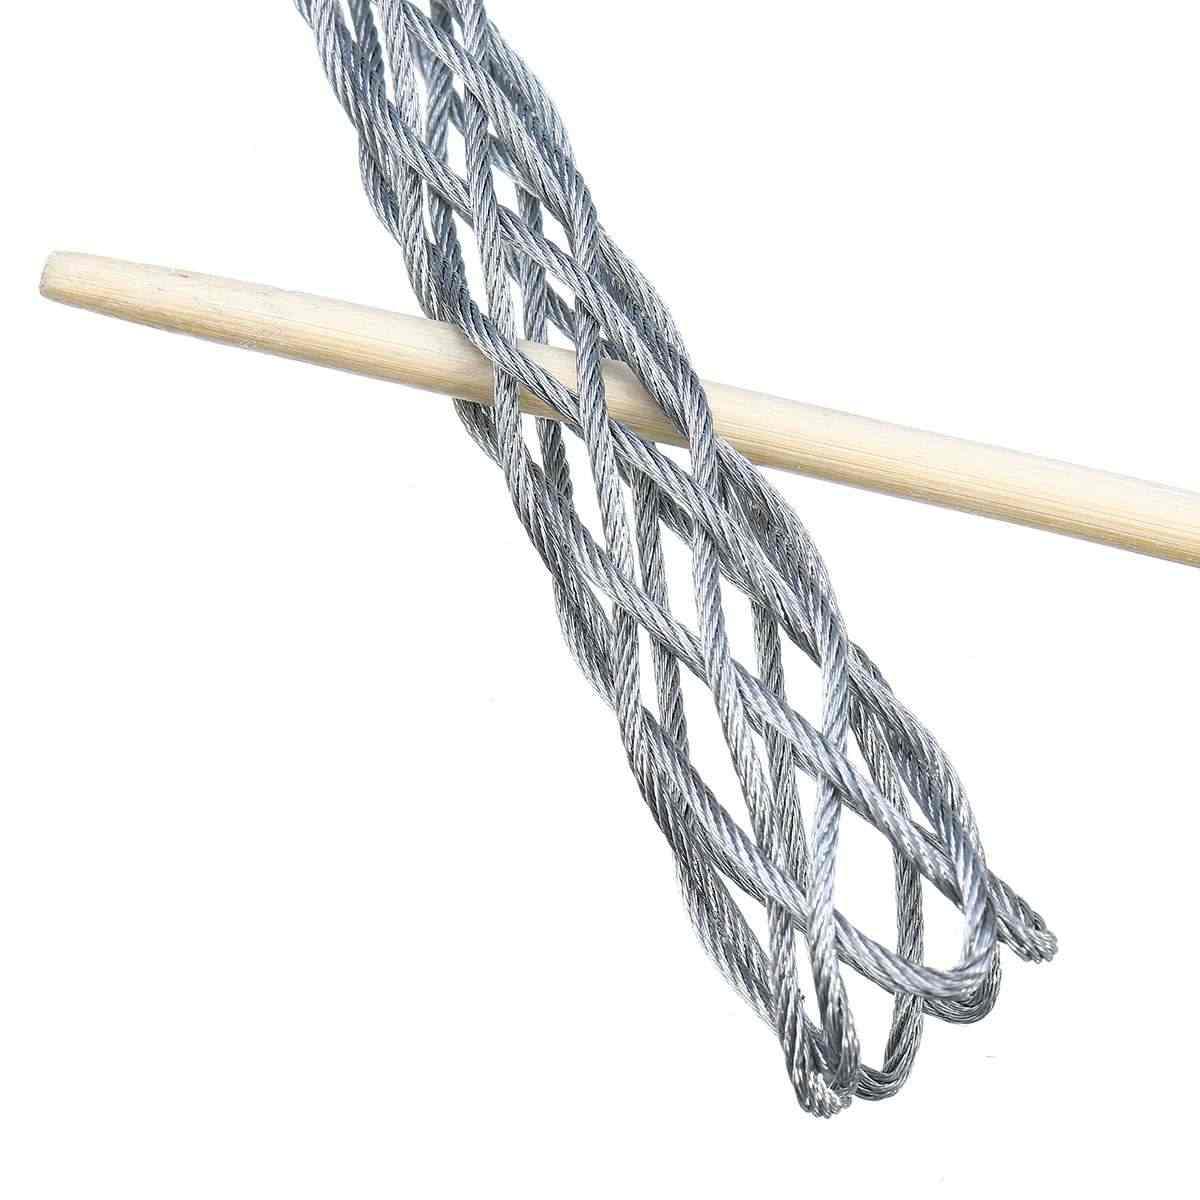 Galvanisation métal câble chaussettes anti-dérapant tuyau Conduit câble extracteur fil poignées tirer Net couverture accessoire pour 4 6 10 12 15 20 25mm